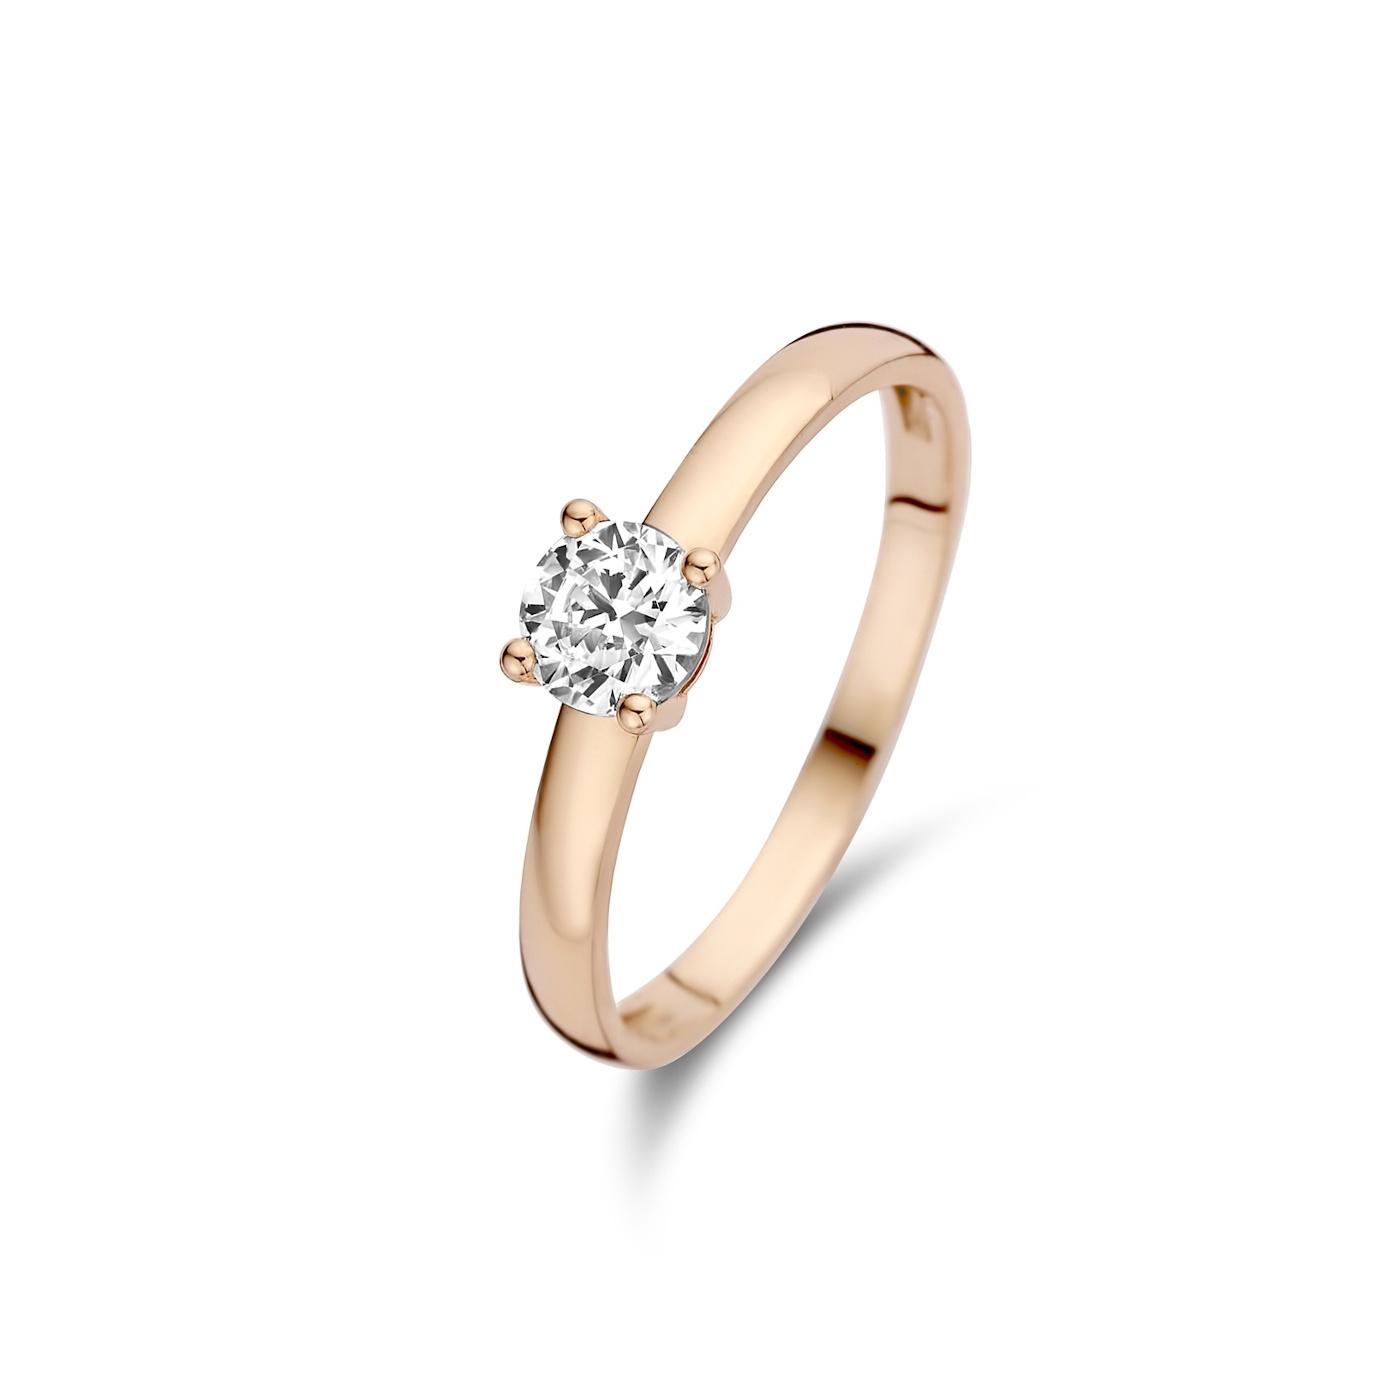 Isabel Bernard La Concorde Joelle 14 karaat rosé gouden ring met zirkonia